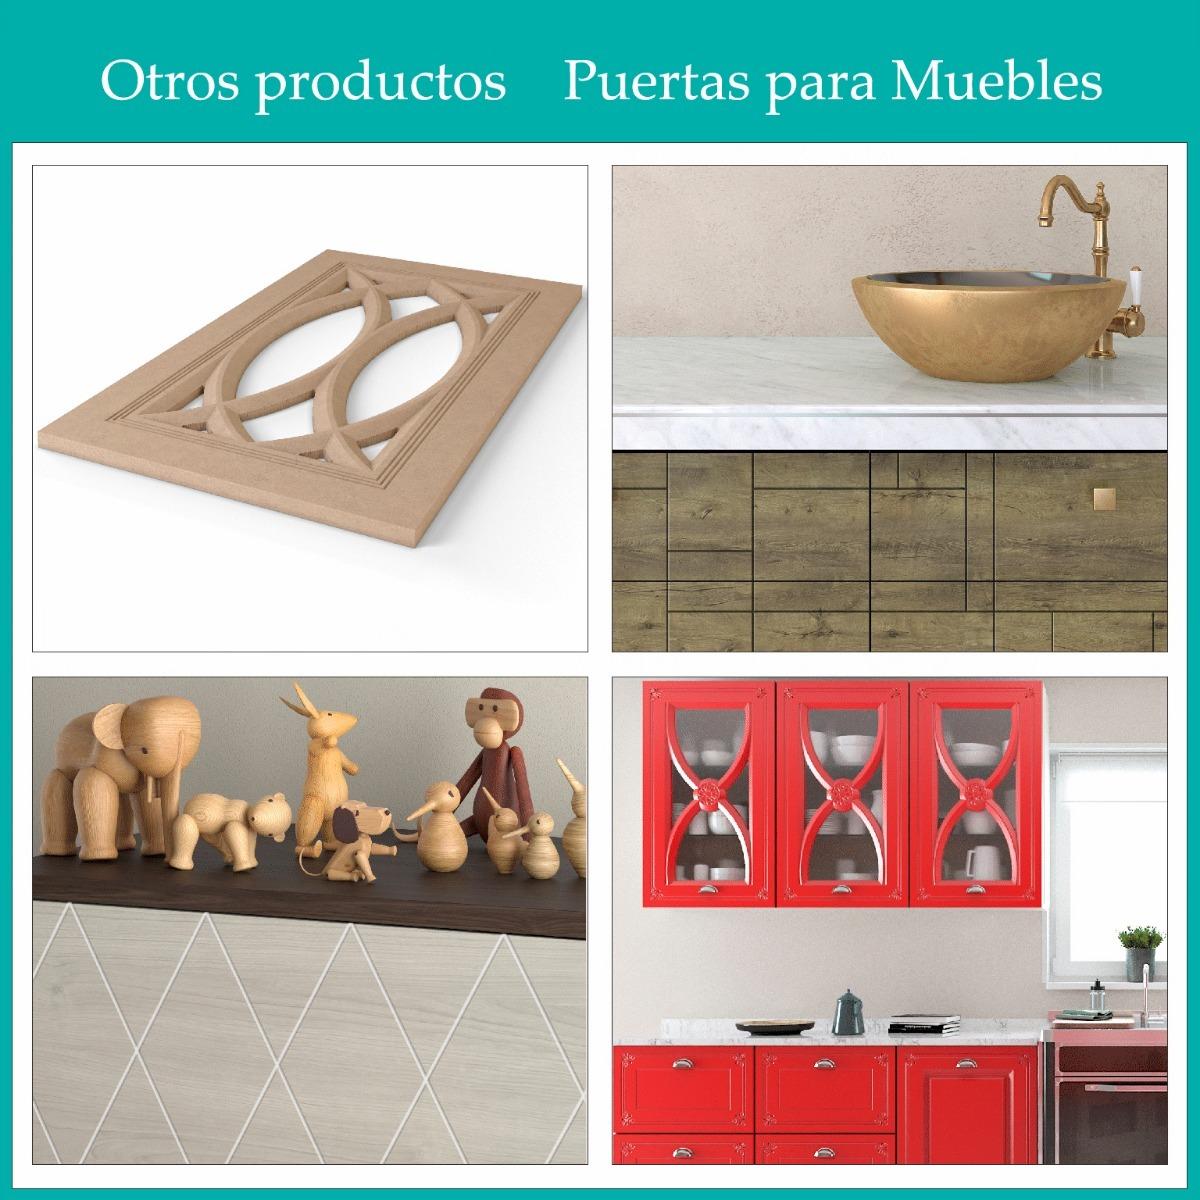 Cambiar Puertas Muebles Cocina Precio - saidialhady.com